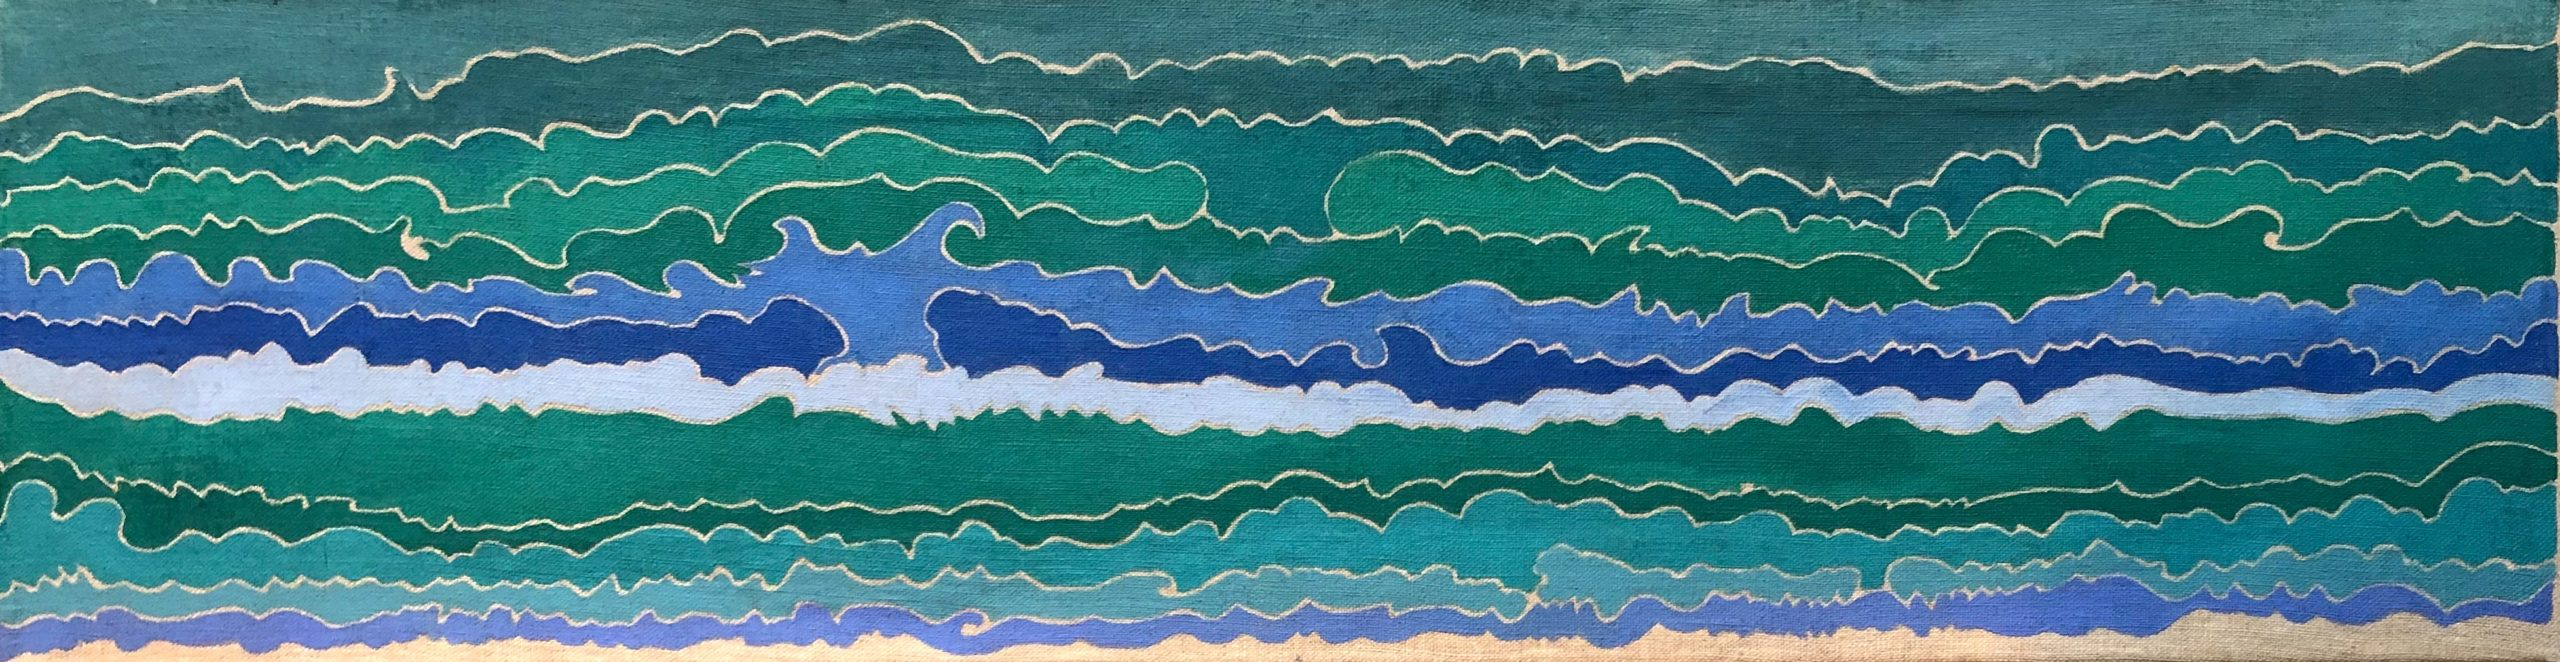 striation heading-Art by Eileen Butler